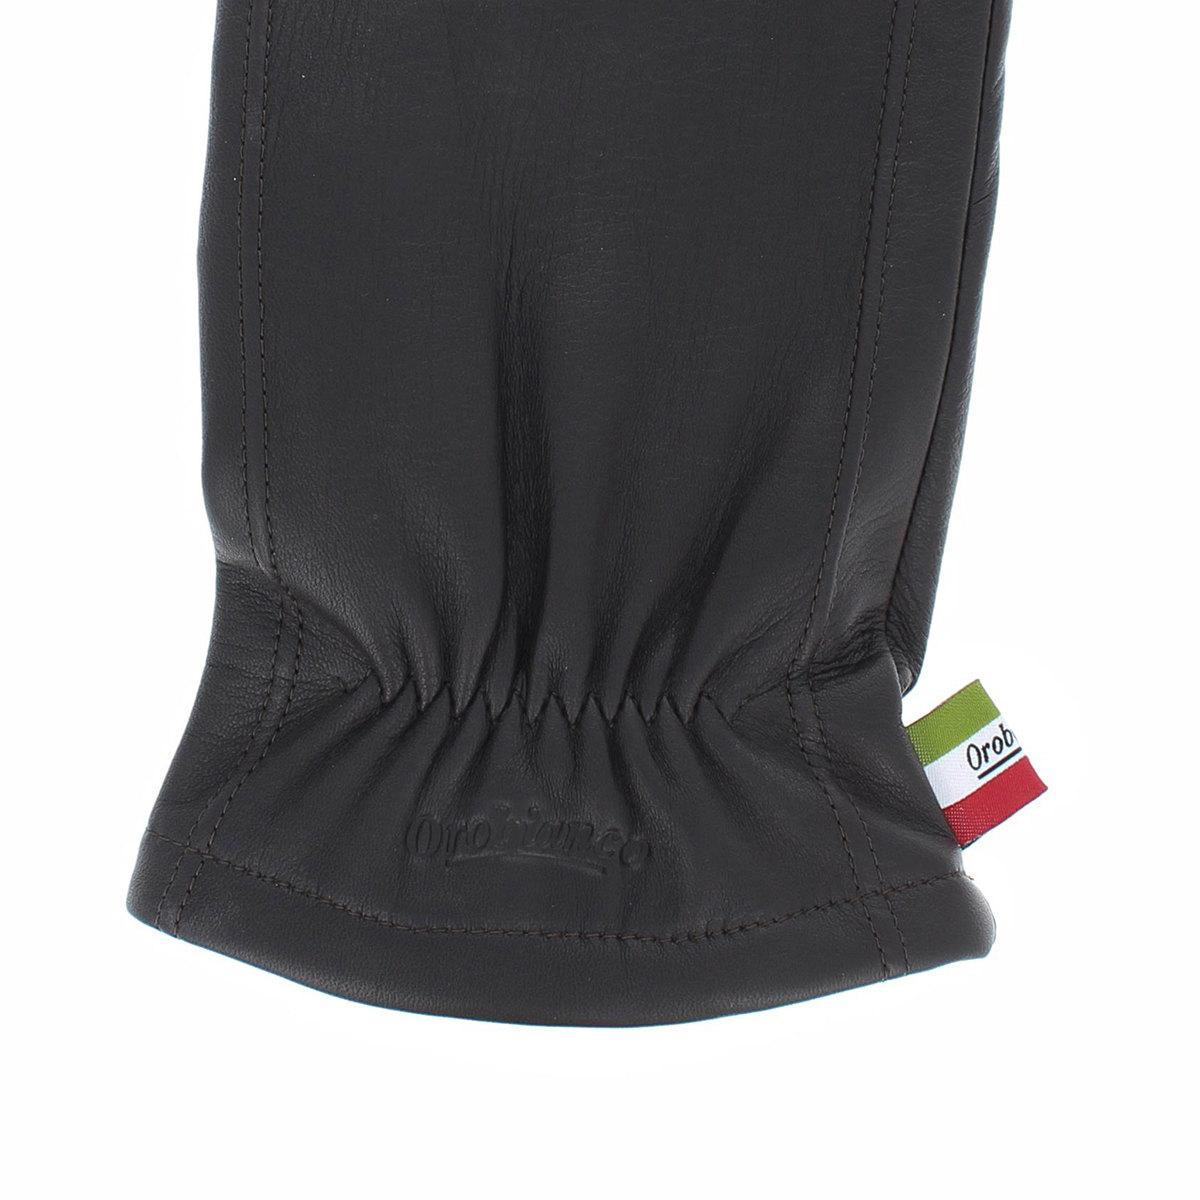 メンズ 手袋 オロビアンコ 男性用 羊革 レザー 本革 プレゼント ギフト 通勤 撥水 防寒 おしゃれ ファッション雑貨 カジュアル